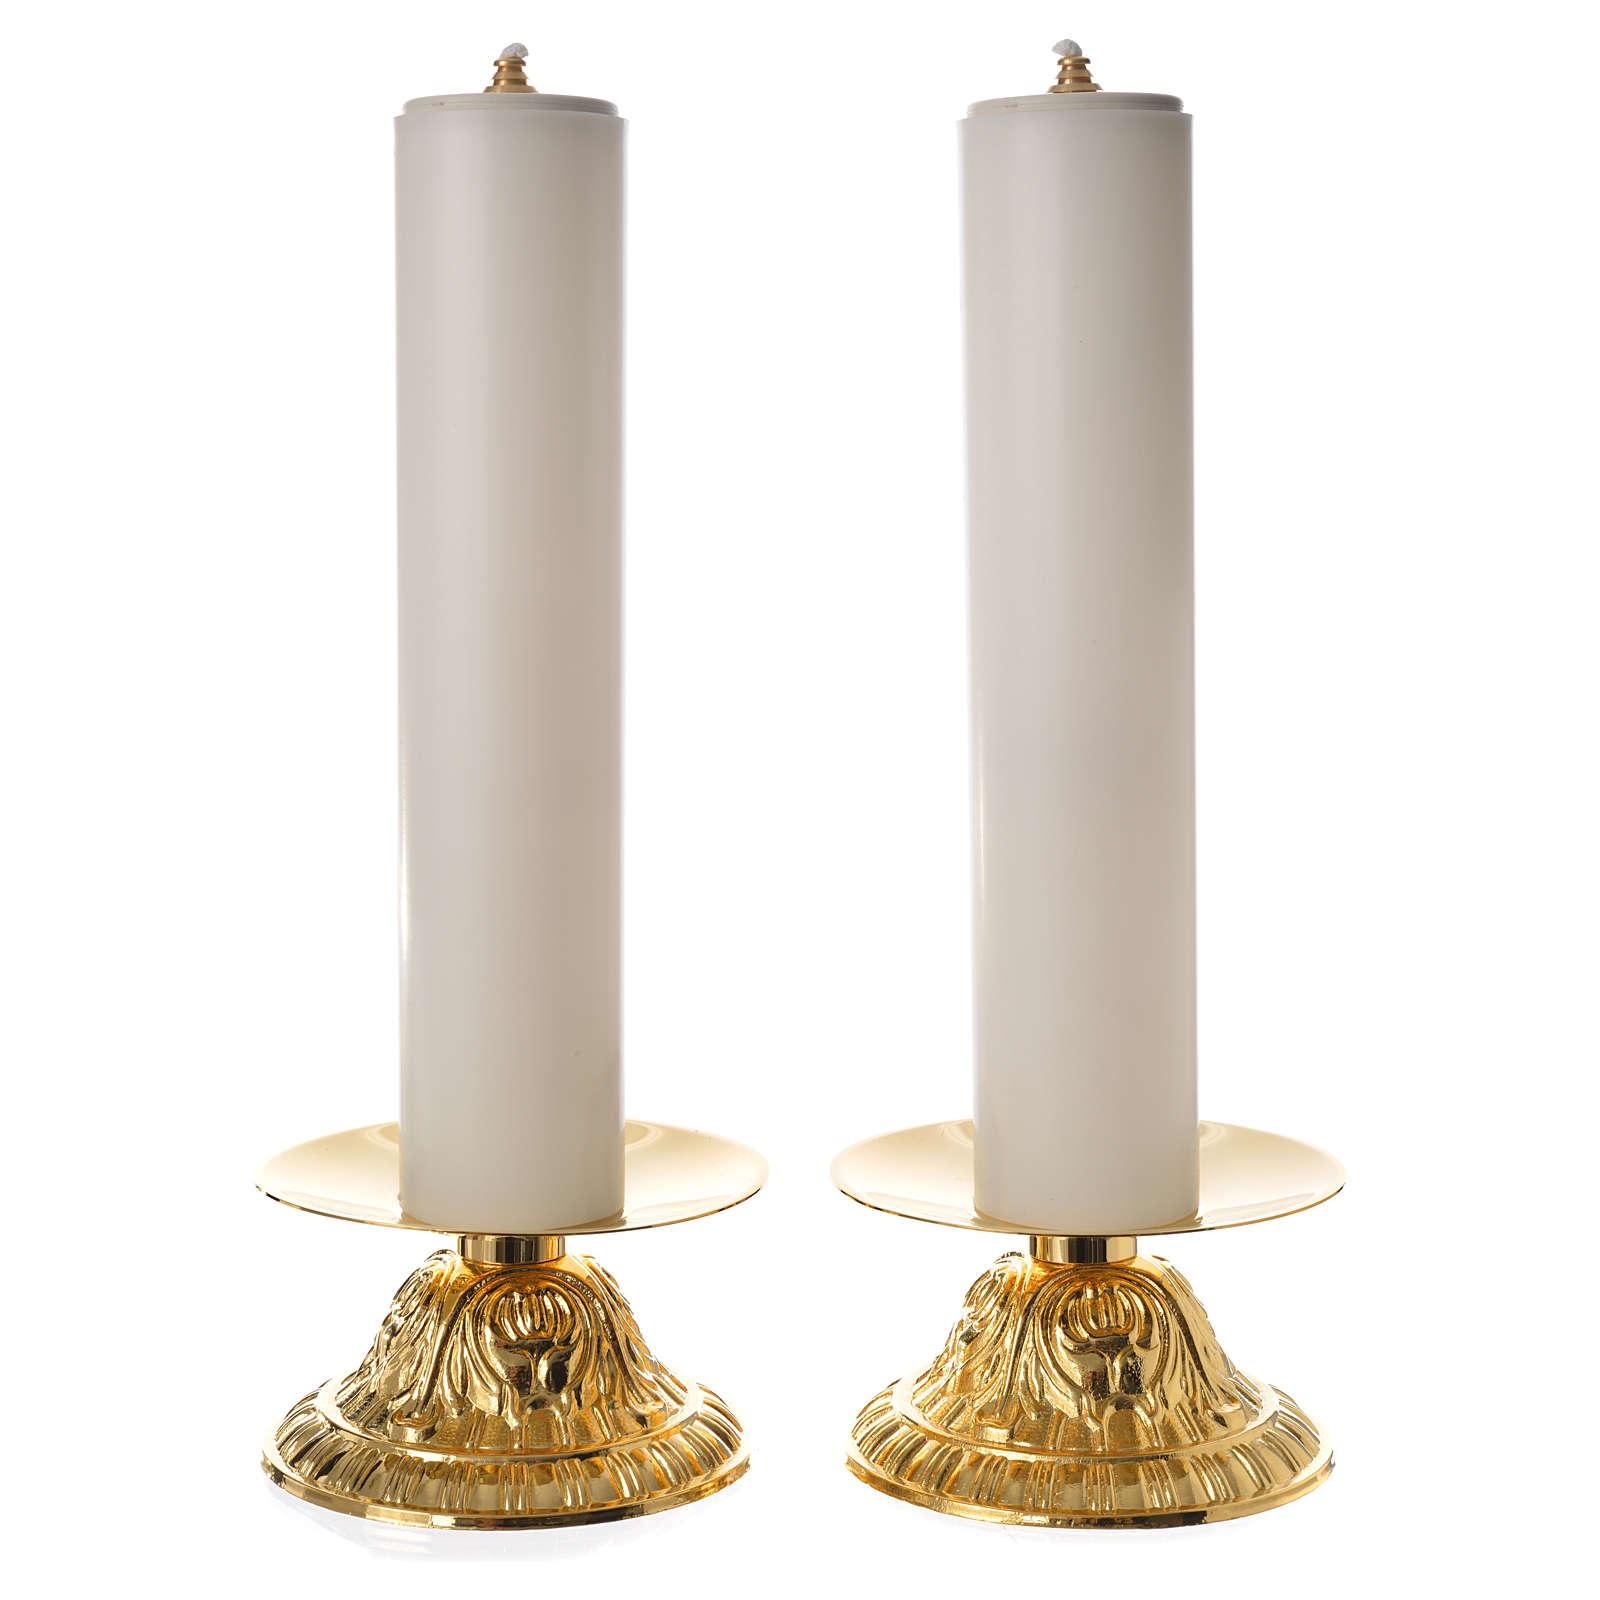 Chandeliers et bougies pvc 2 pcs 4